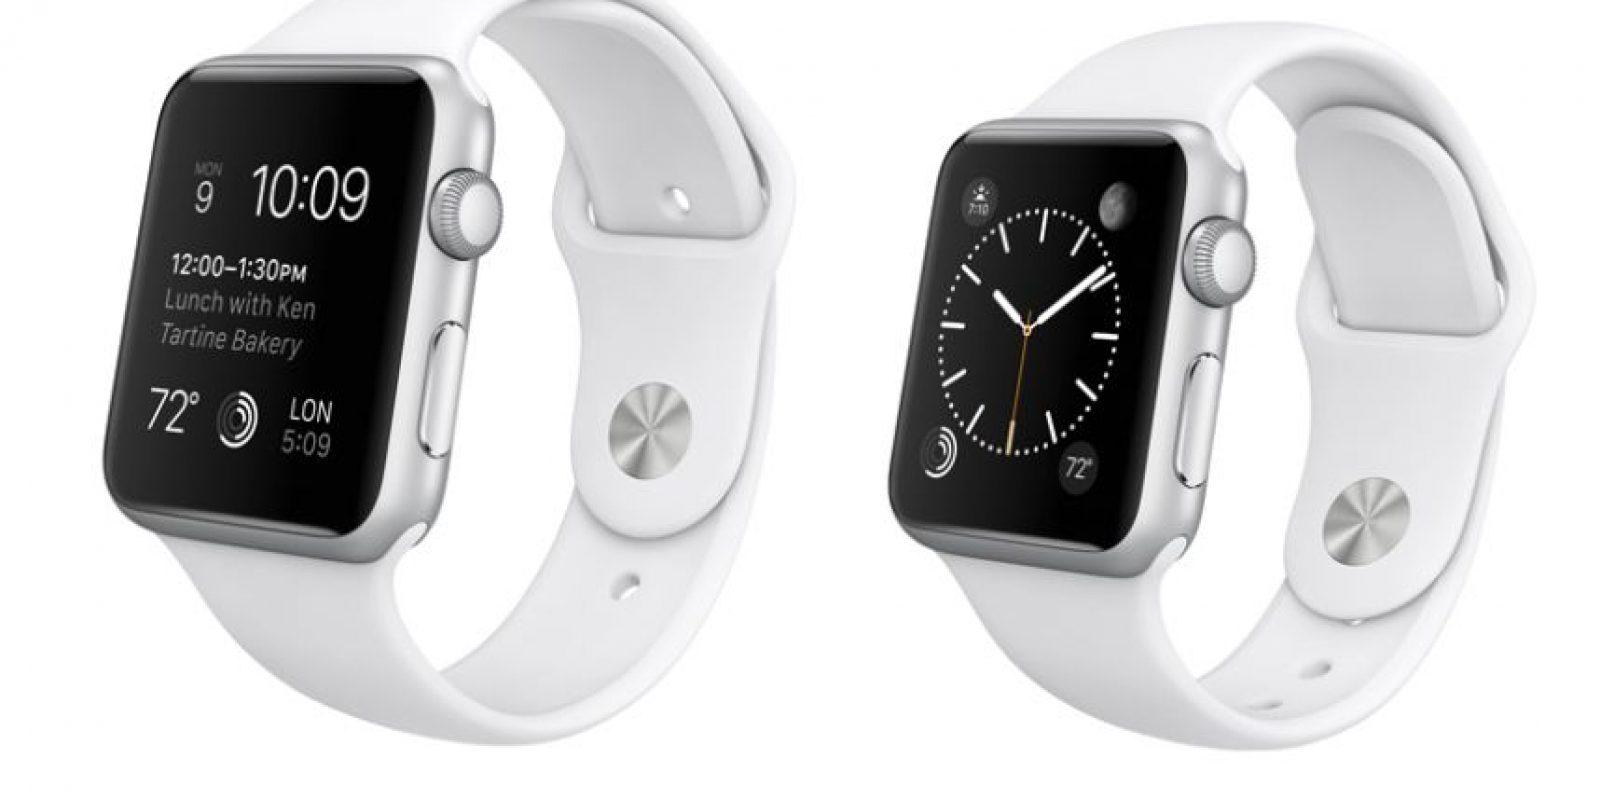 El Apple Watch Sport contará con versiones en 42 y 38mm. Su precio va desde los 350 a los 400 dólares. Foto:Apple